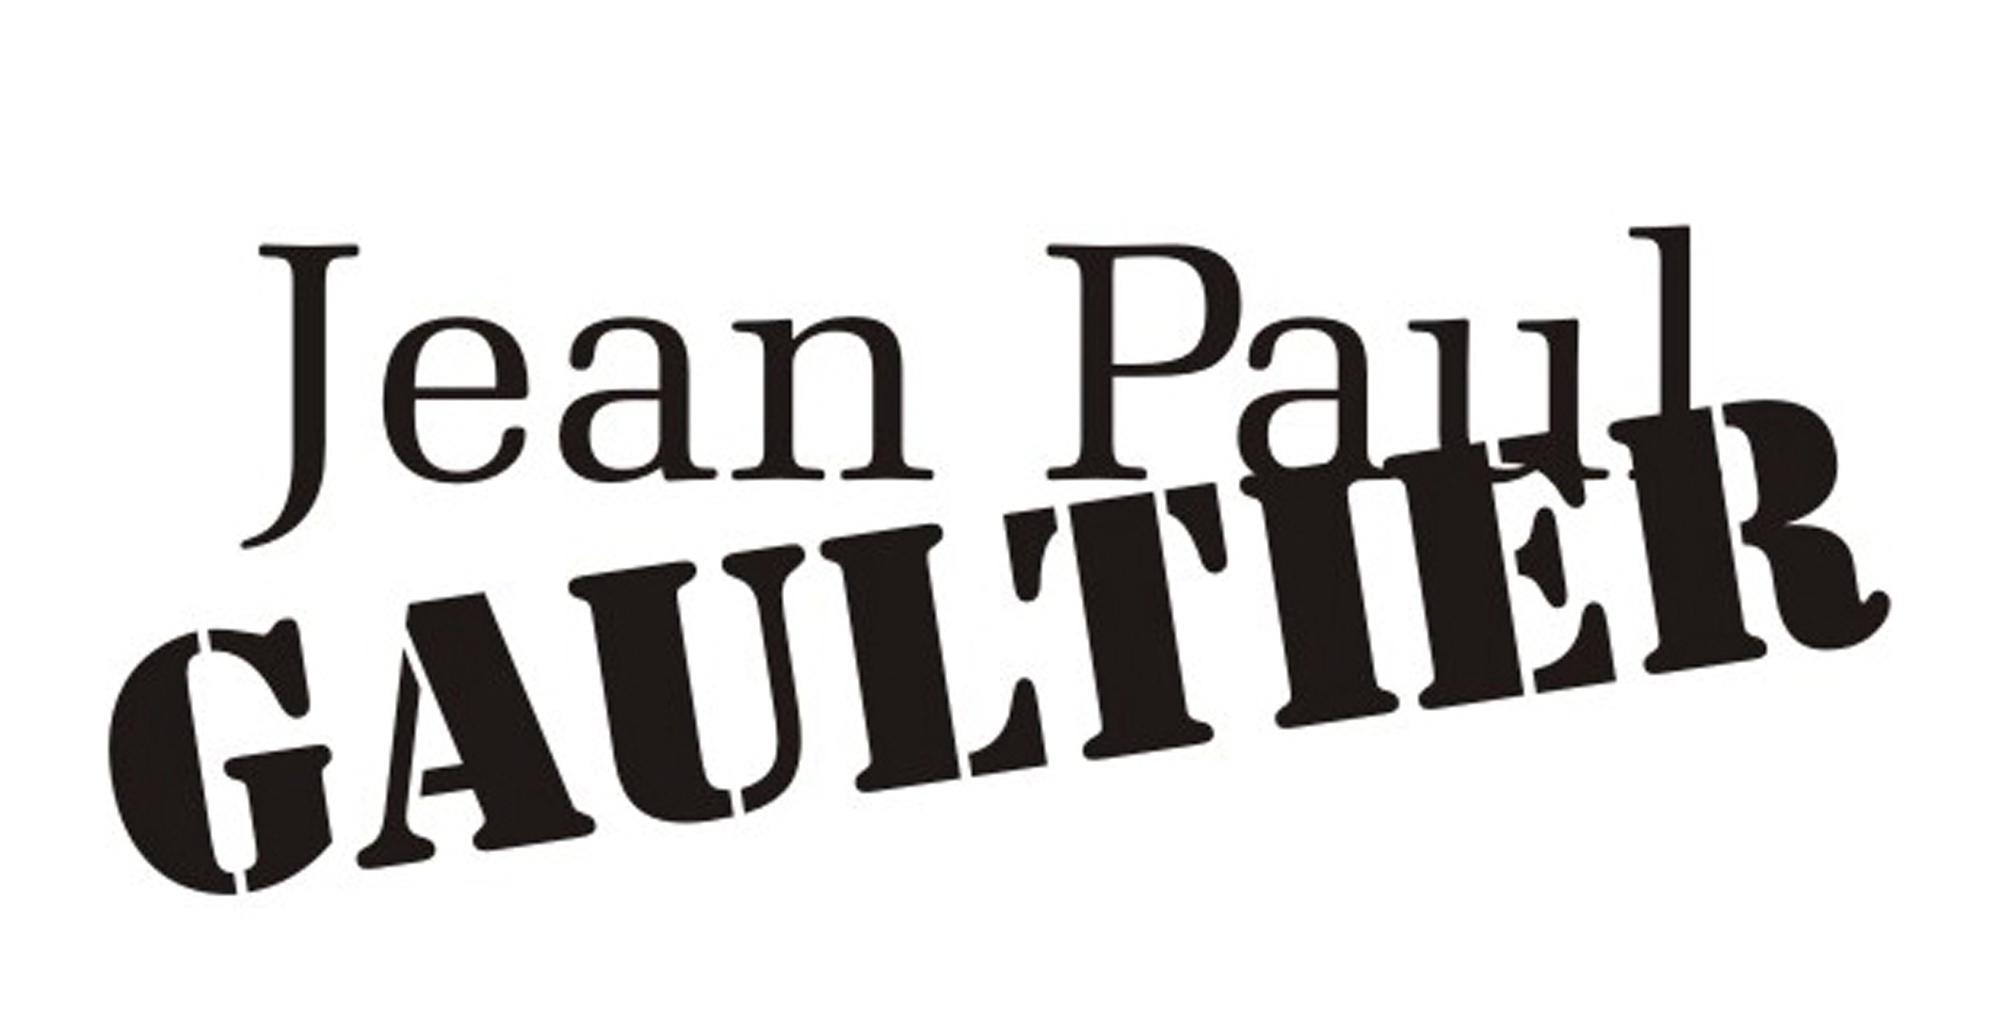 jean-paul-gaultier